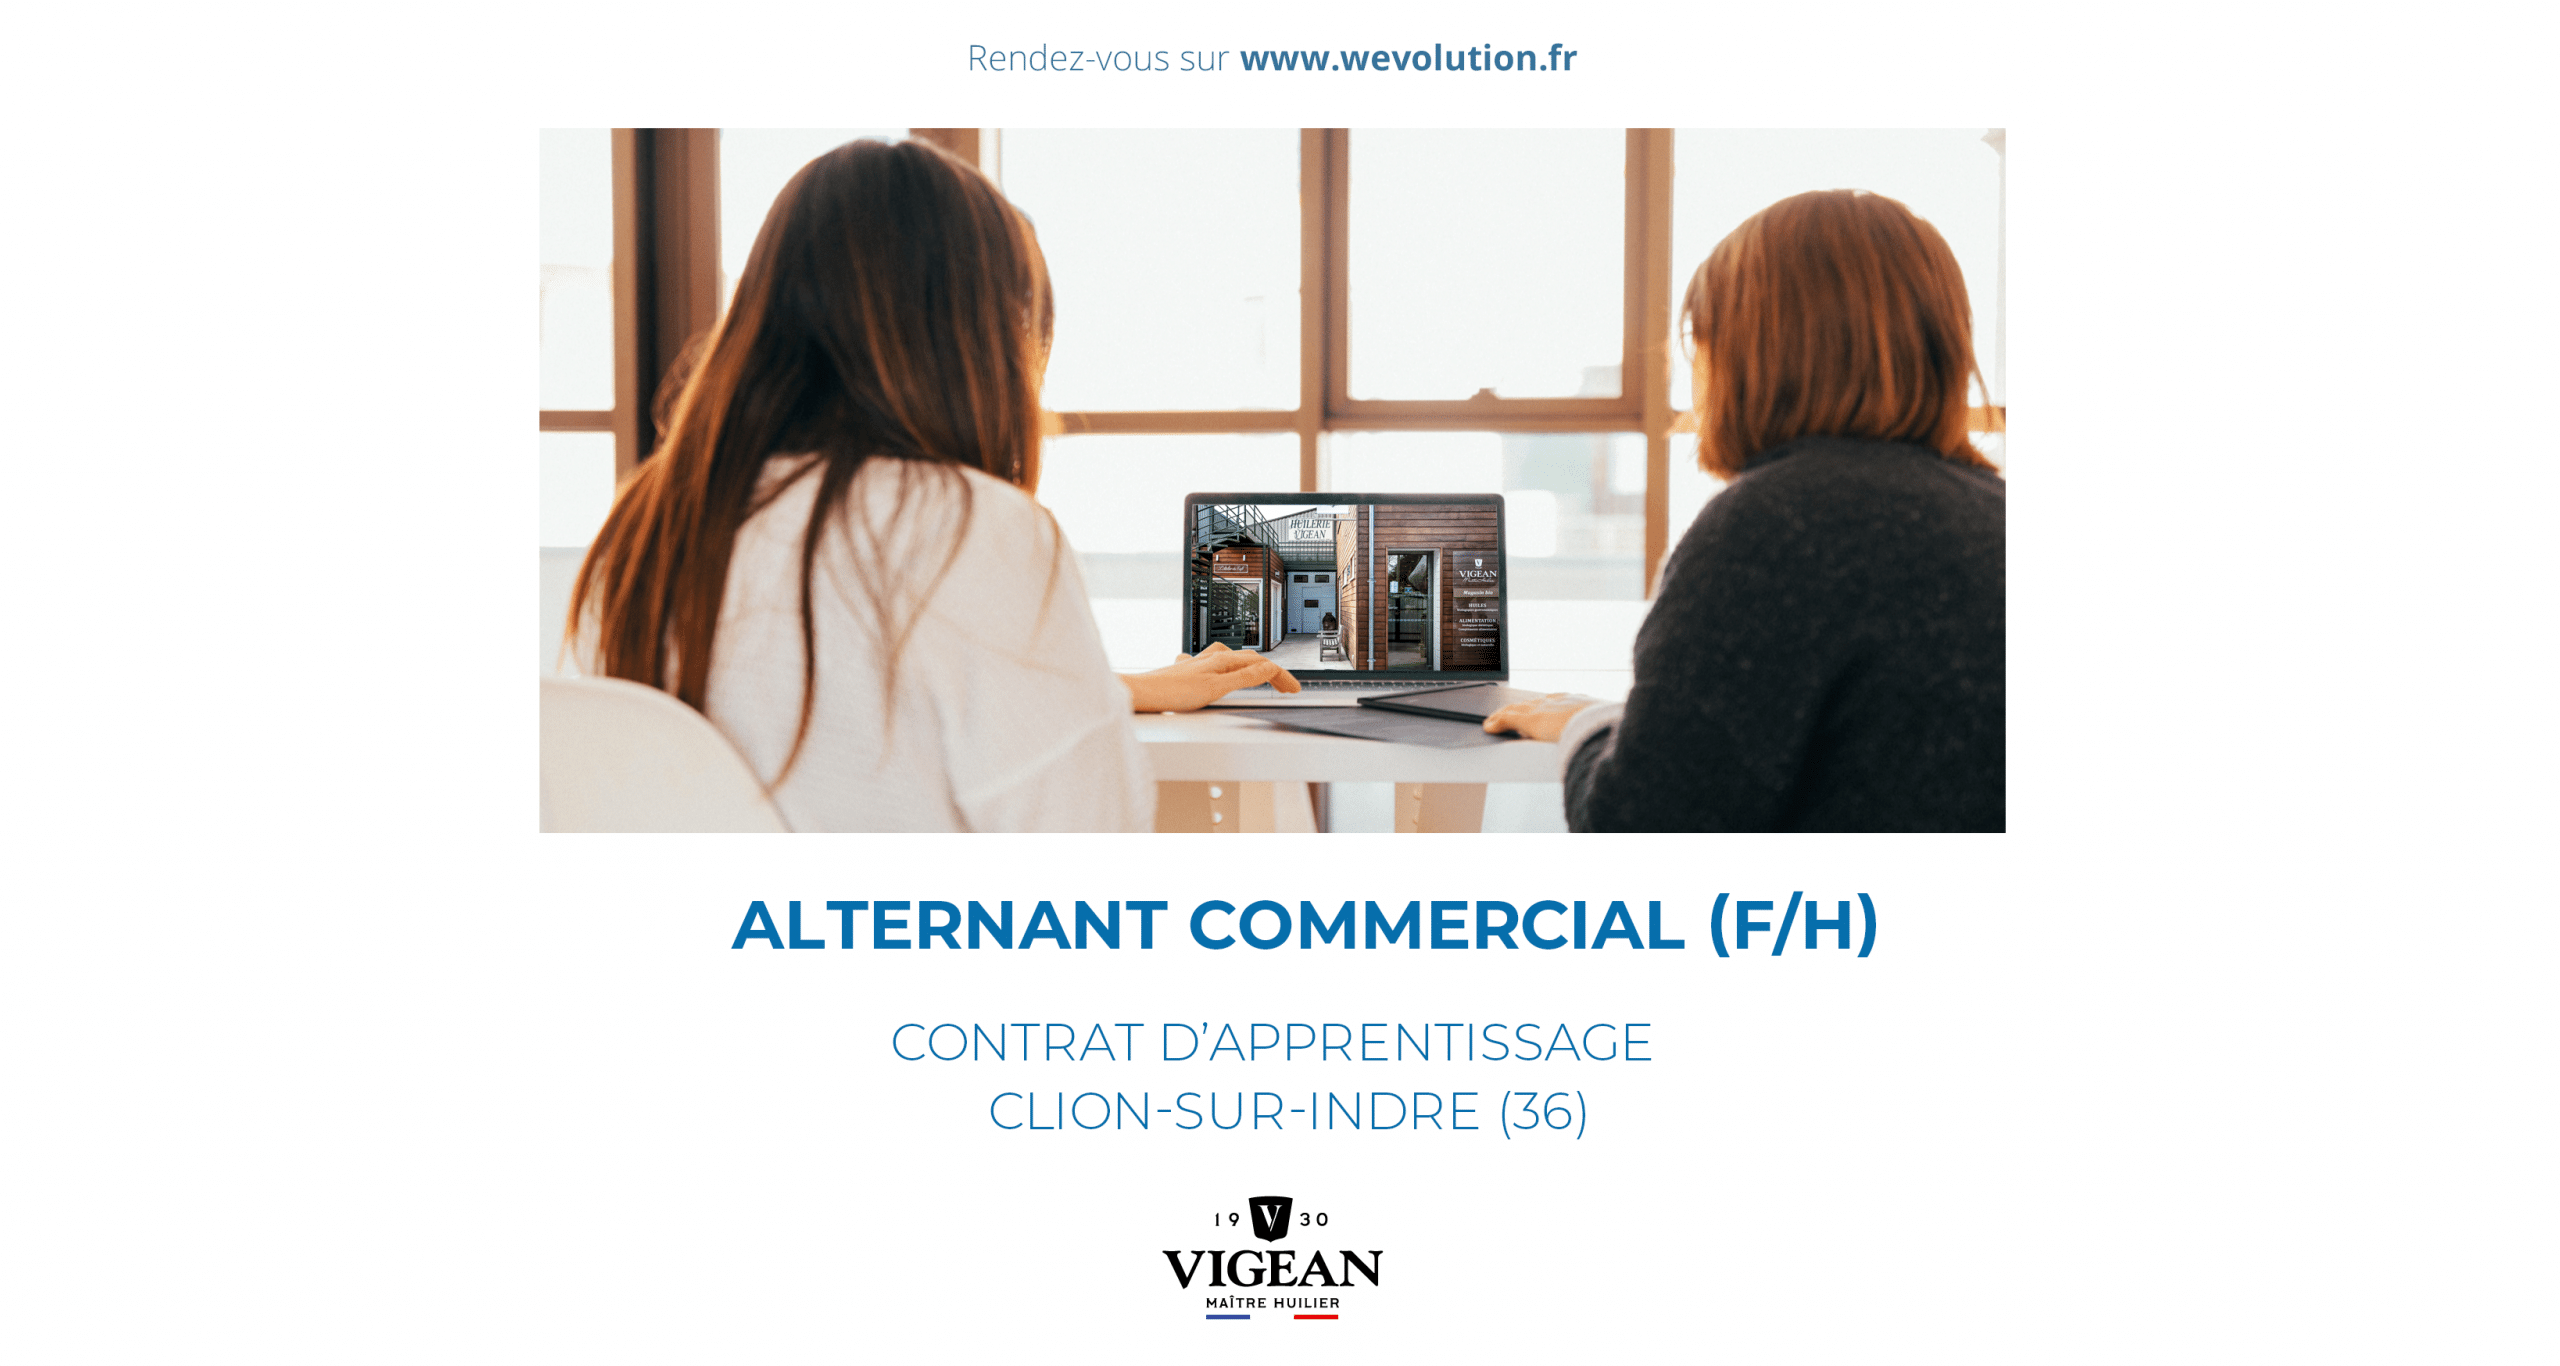 ALTERNANT COMMERCIAL – HUILERIE VIGEAN